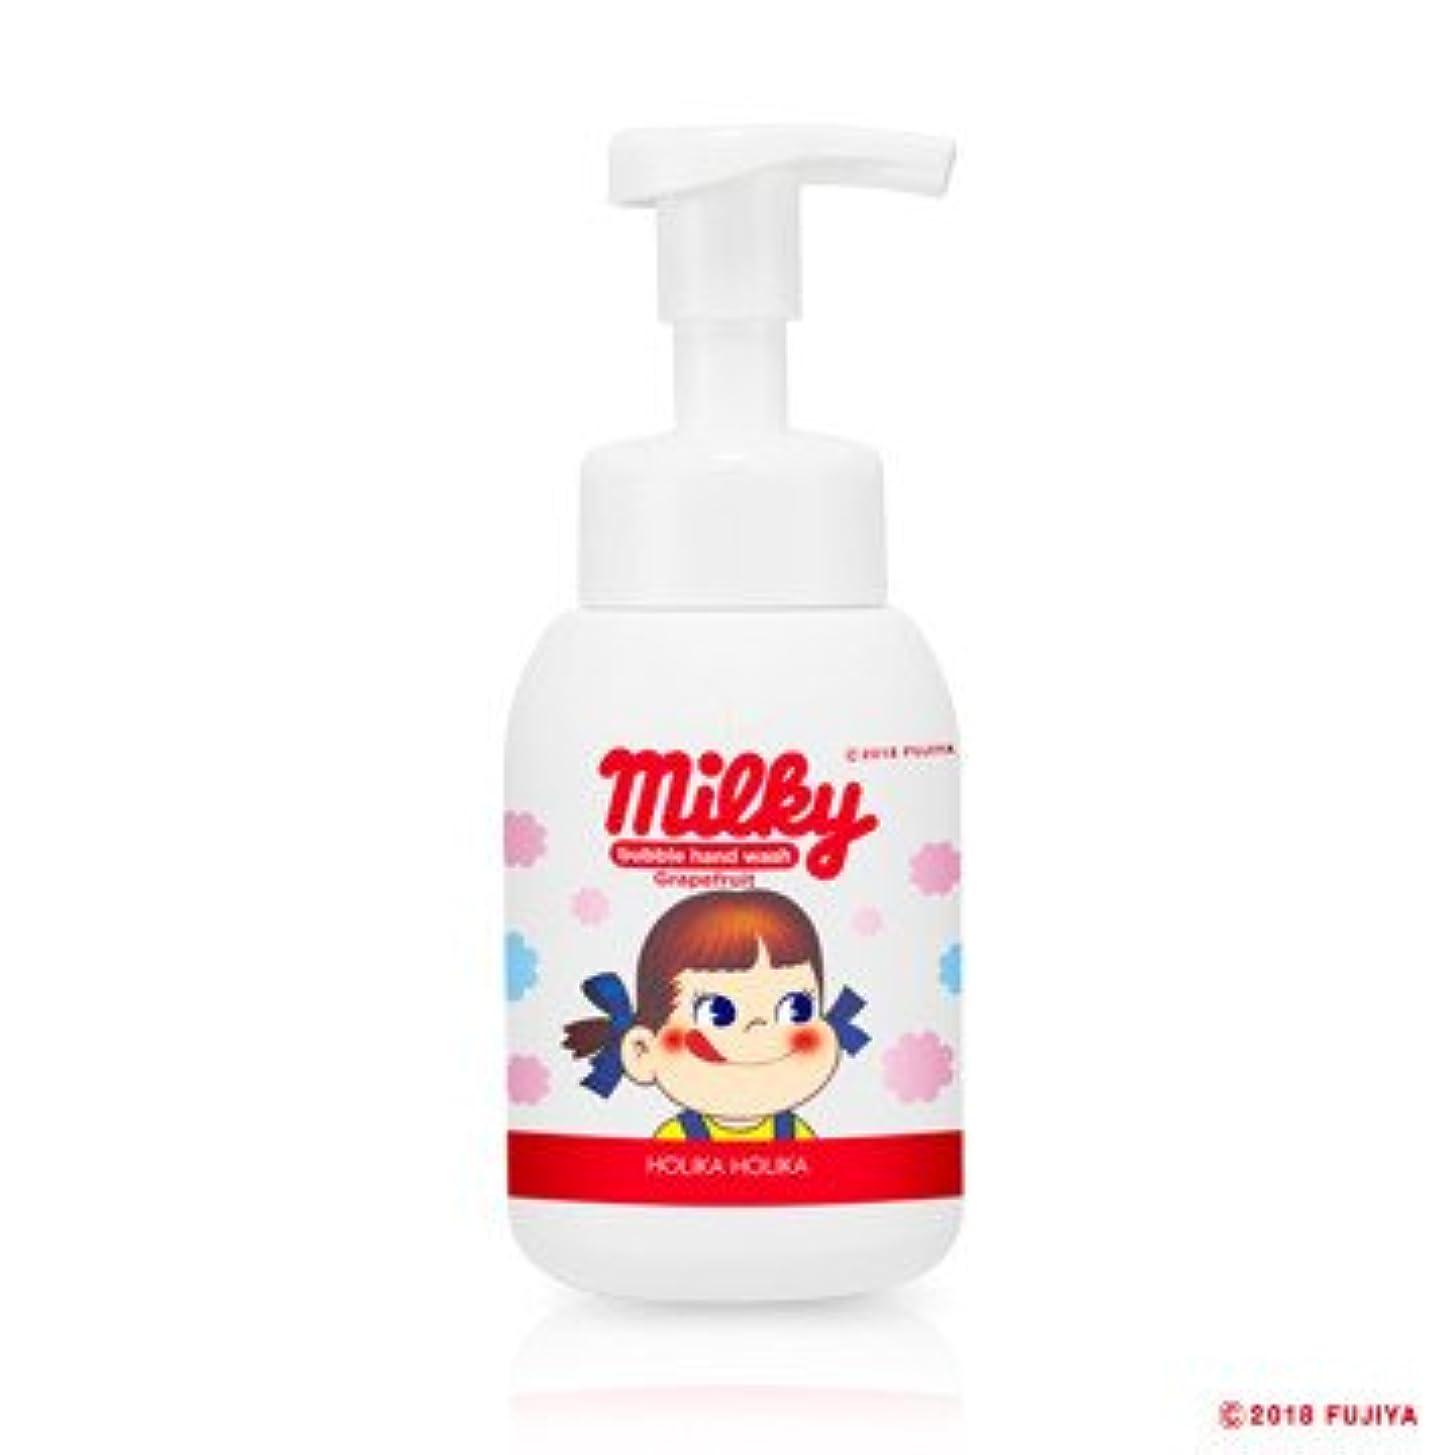 社会主義犯人慣らすHolika Holika [Sweet Peko Edition] Bubble Hand Wash/ホリカホリカ [スイートペコエディション] バブルハンドウォッシュ 250ml [並行輸入品]